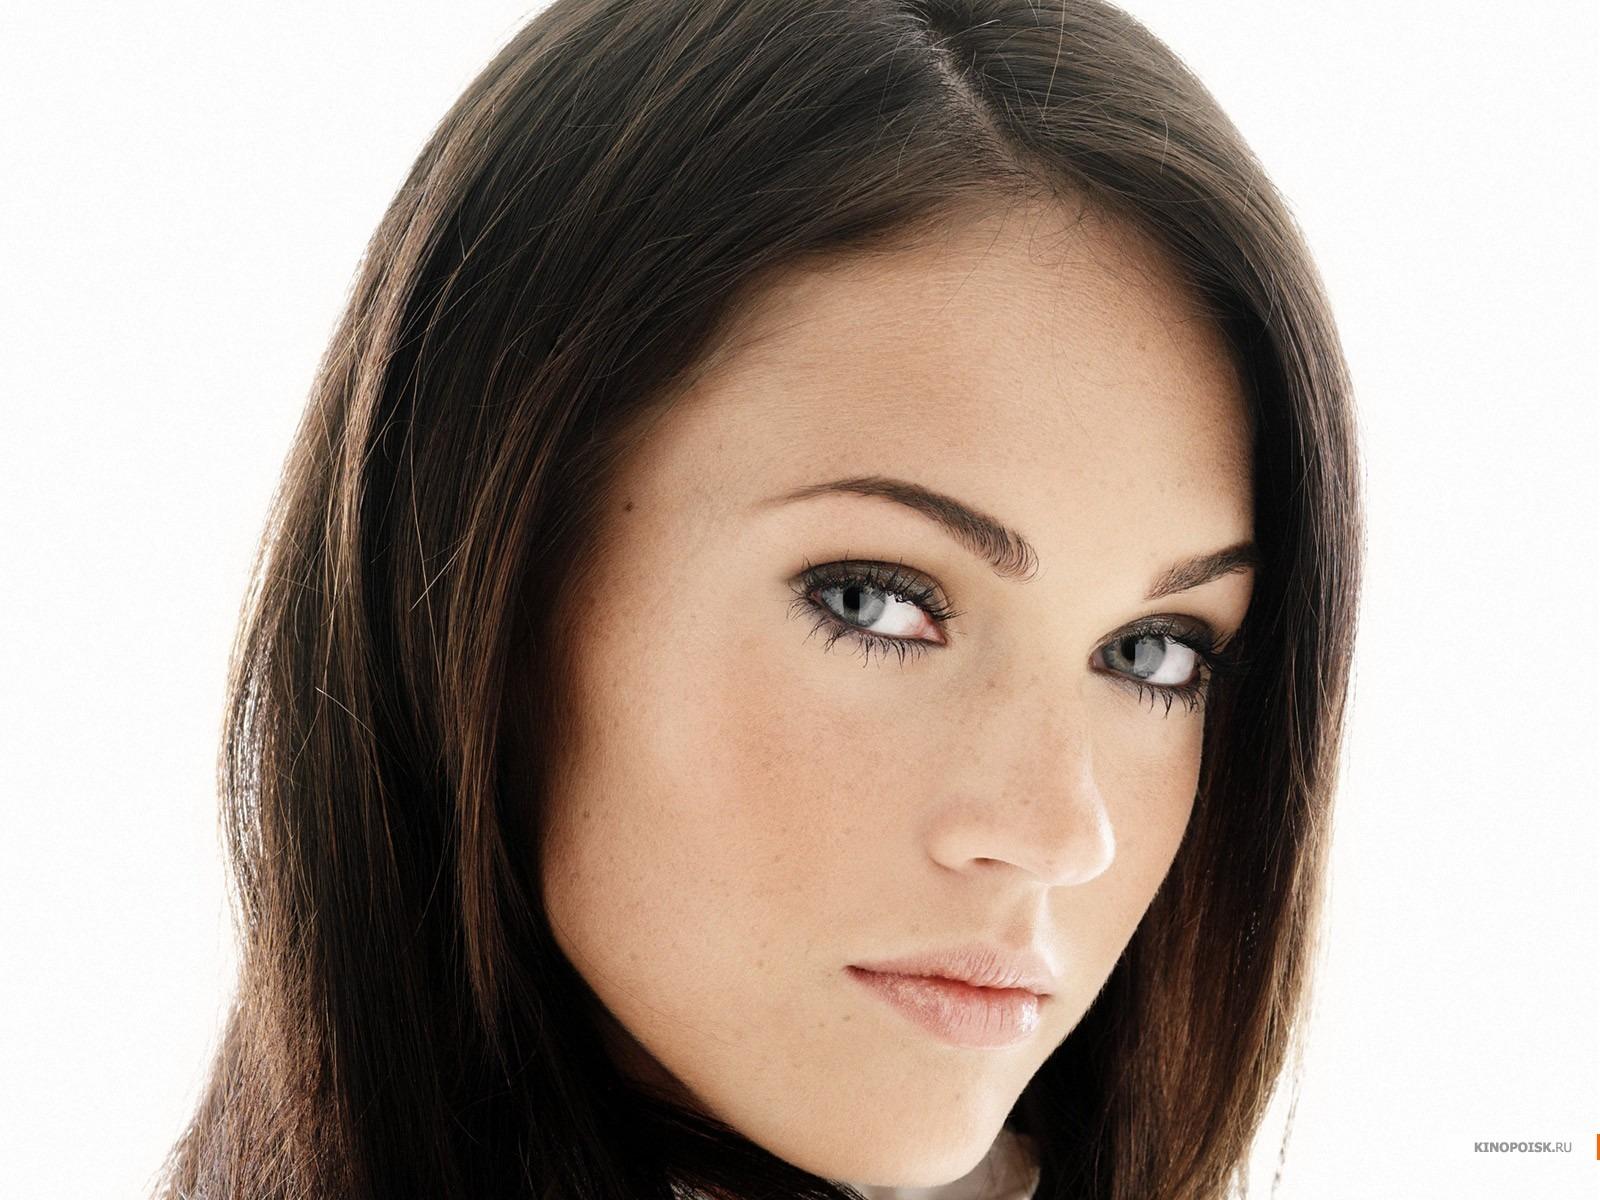 a beautiful woman